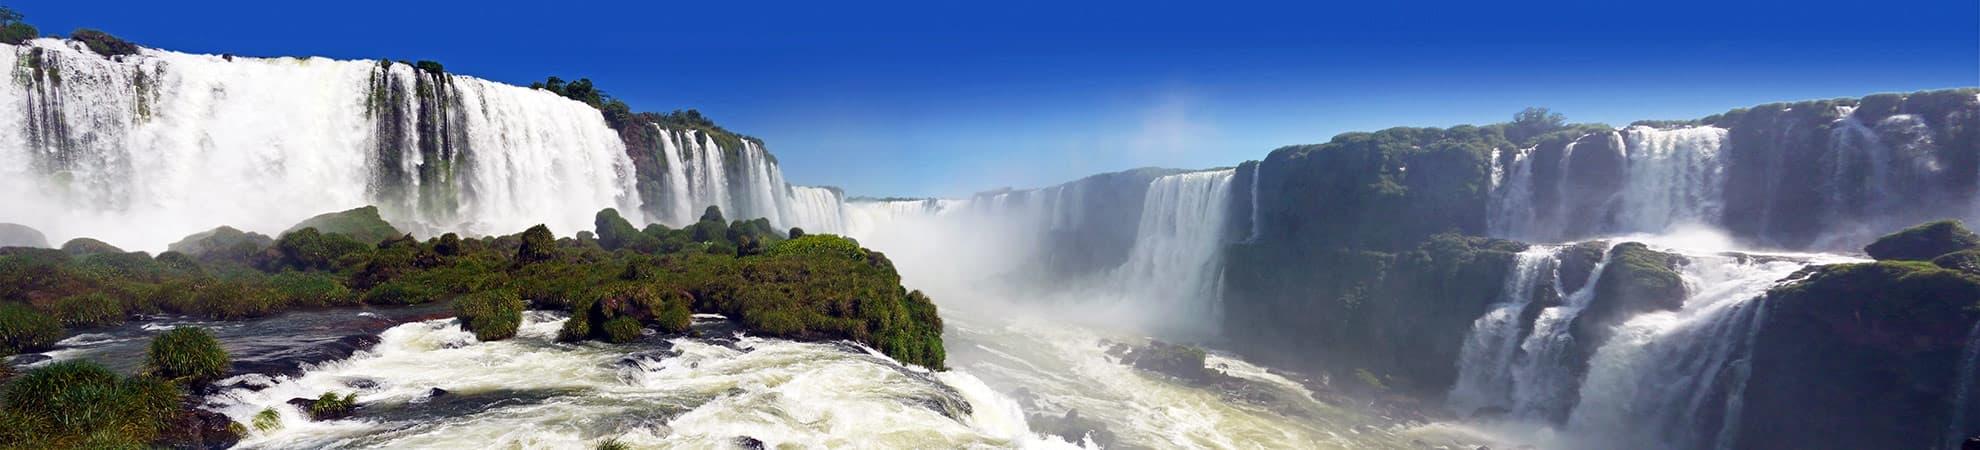 Voyage Le Sud-est du Brésil